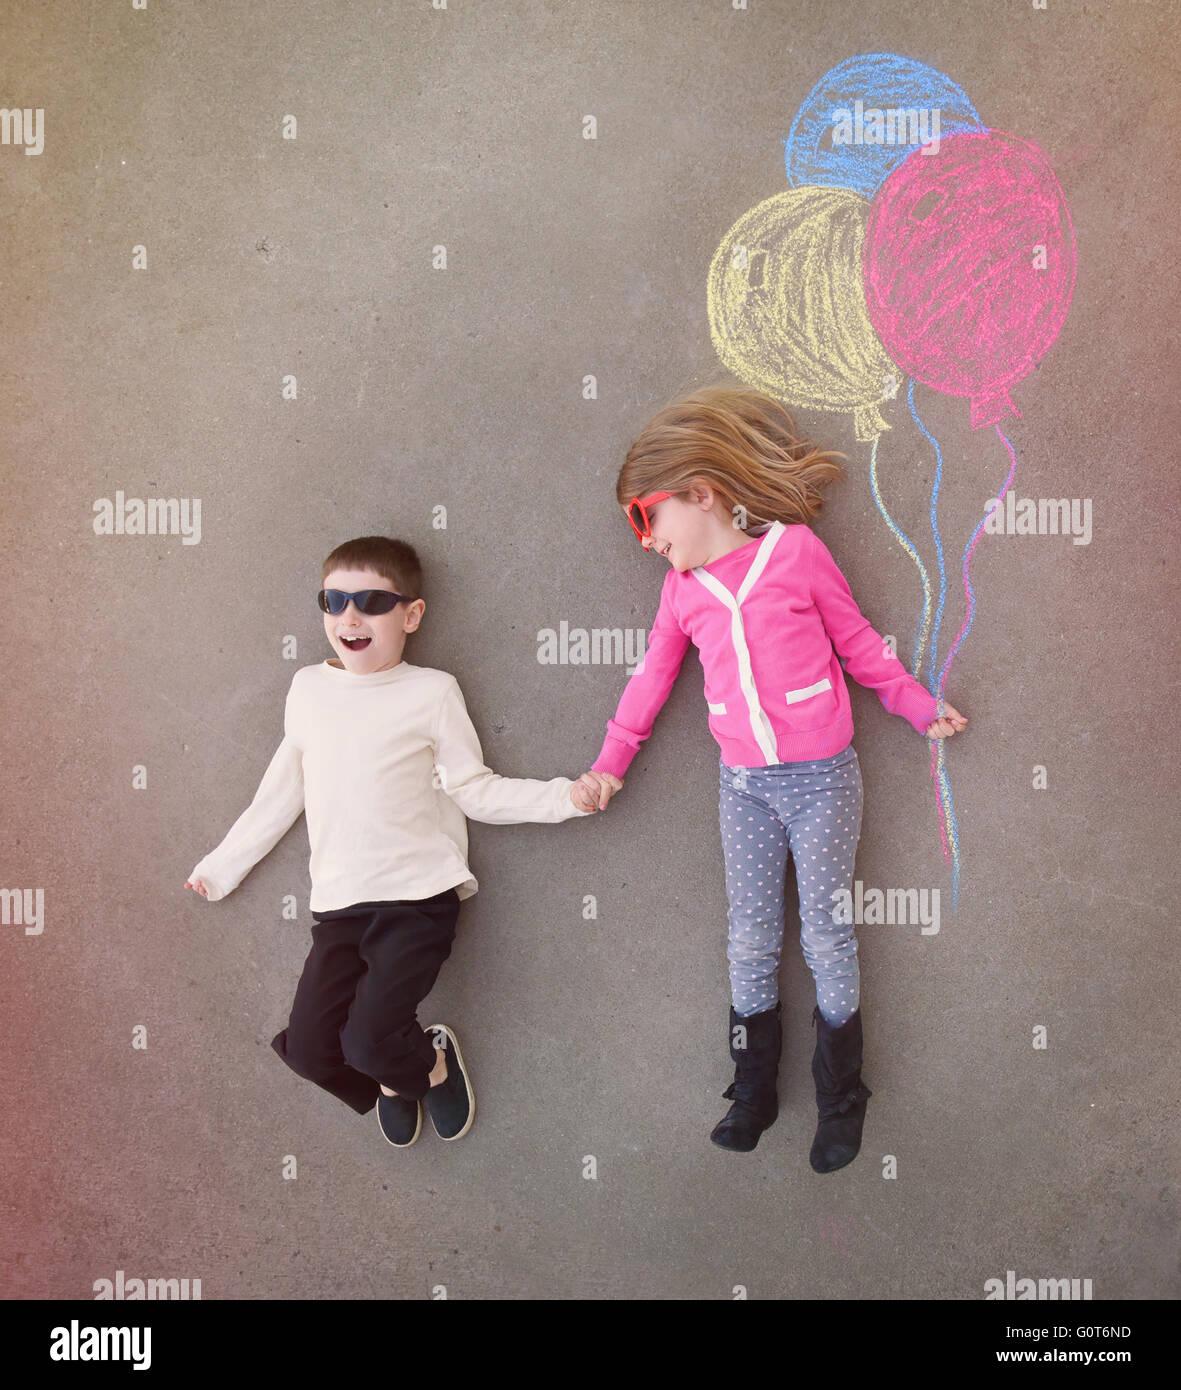 Los niños son tomados de las manos fuera con coloridos globos de tiza esbozado en cemento para un creativo, la artesanía o el concepto de juego Foto de stock